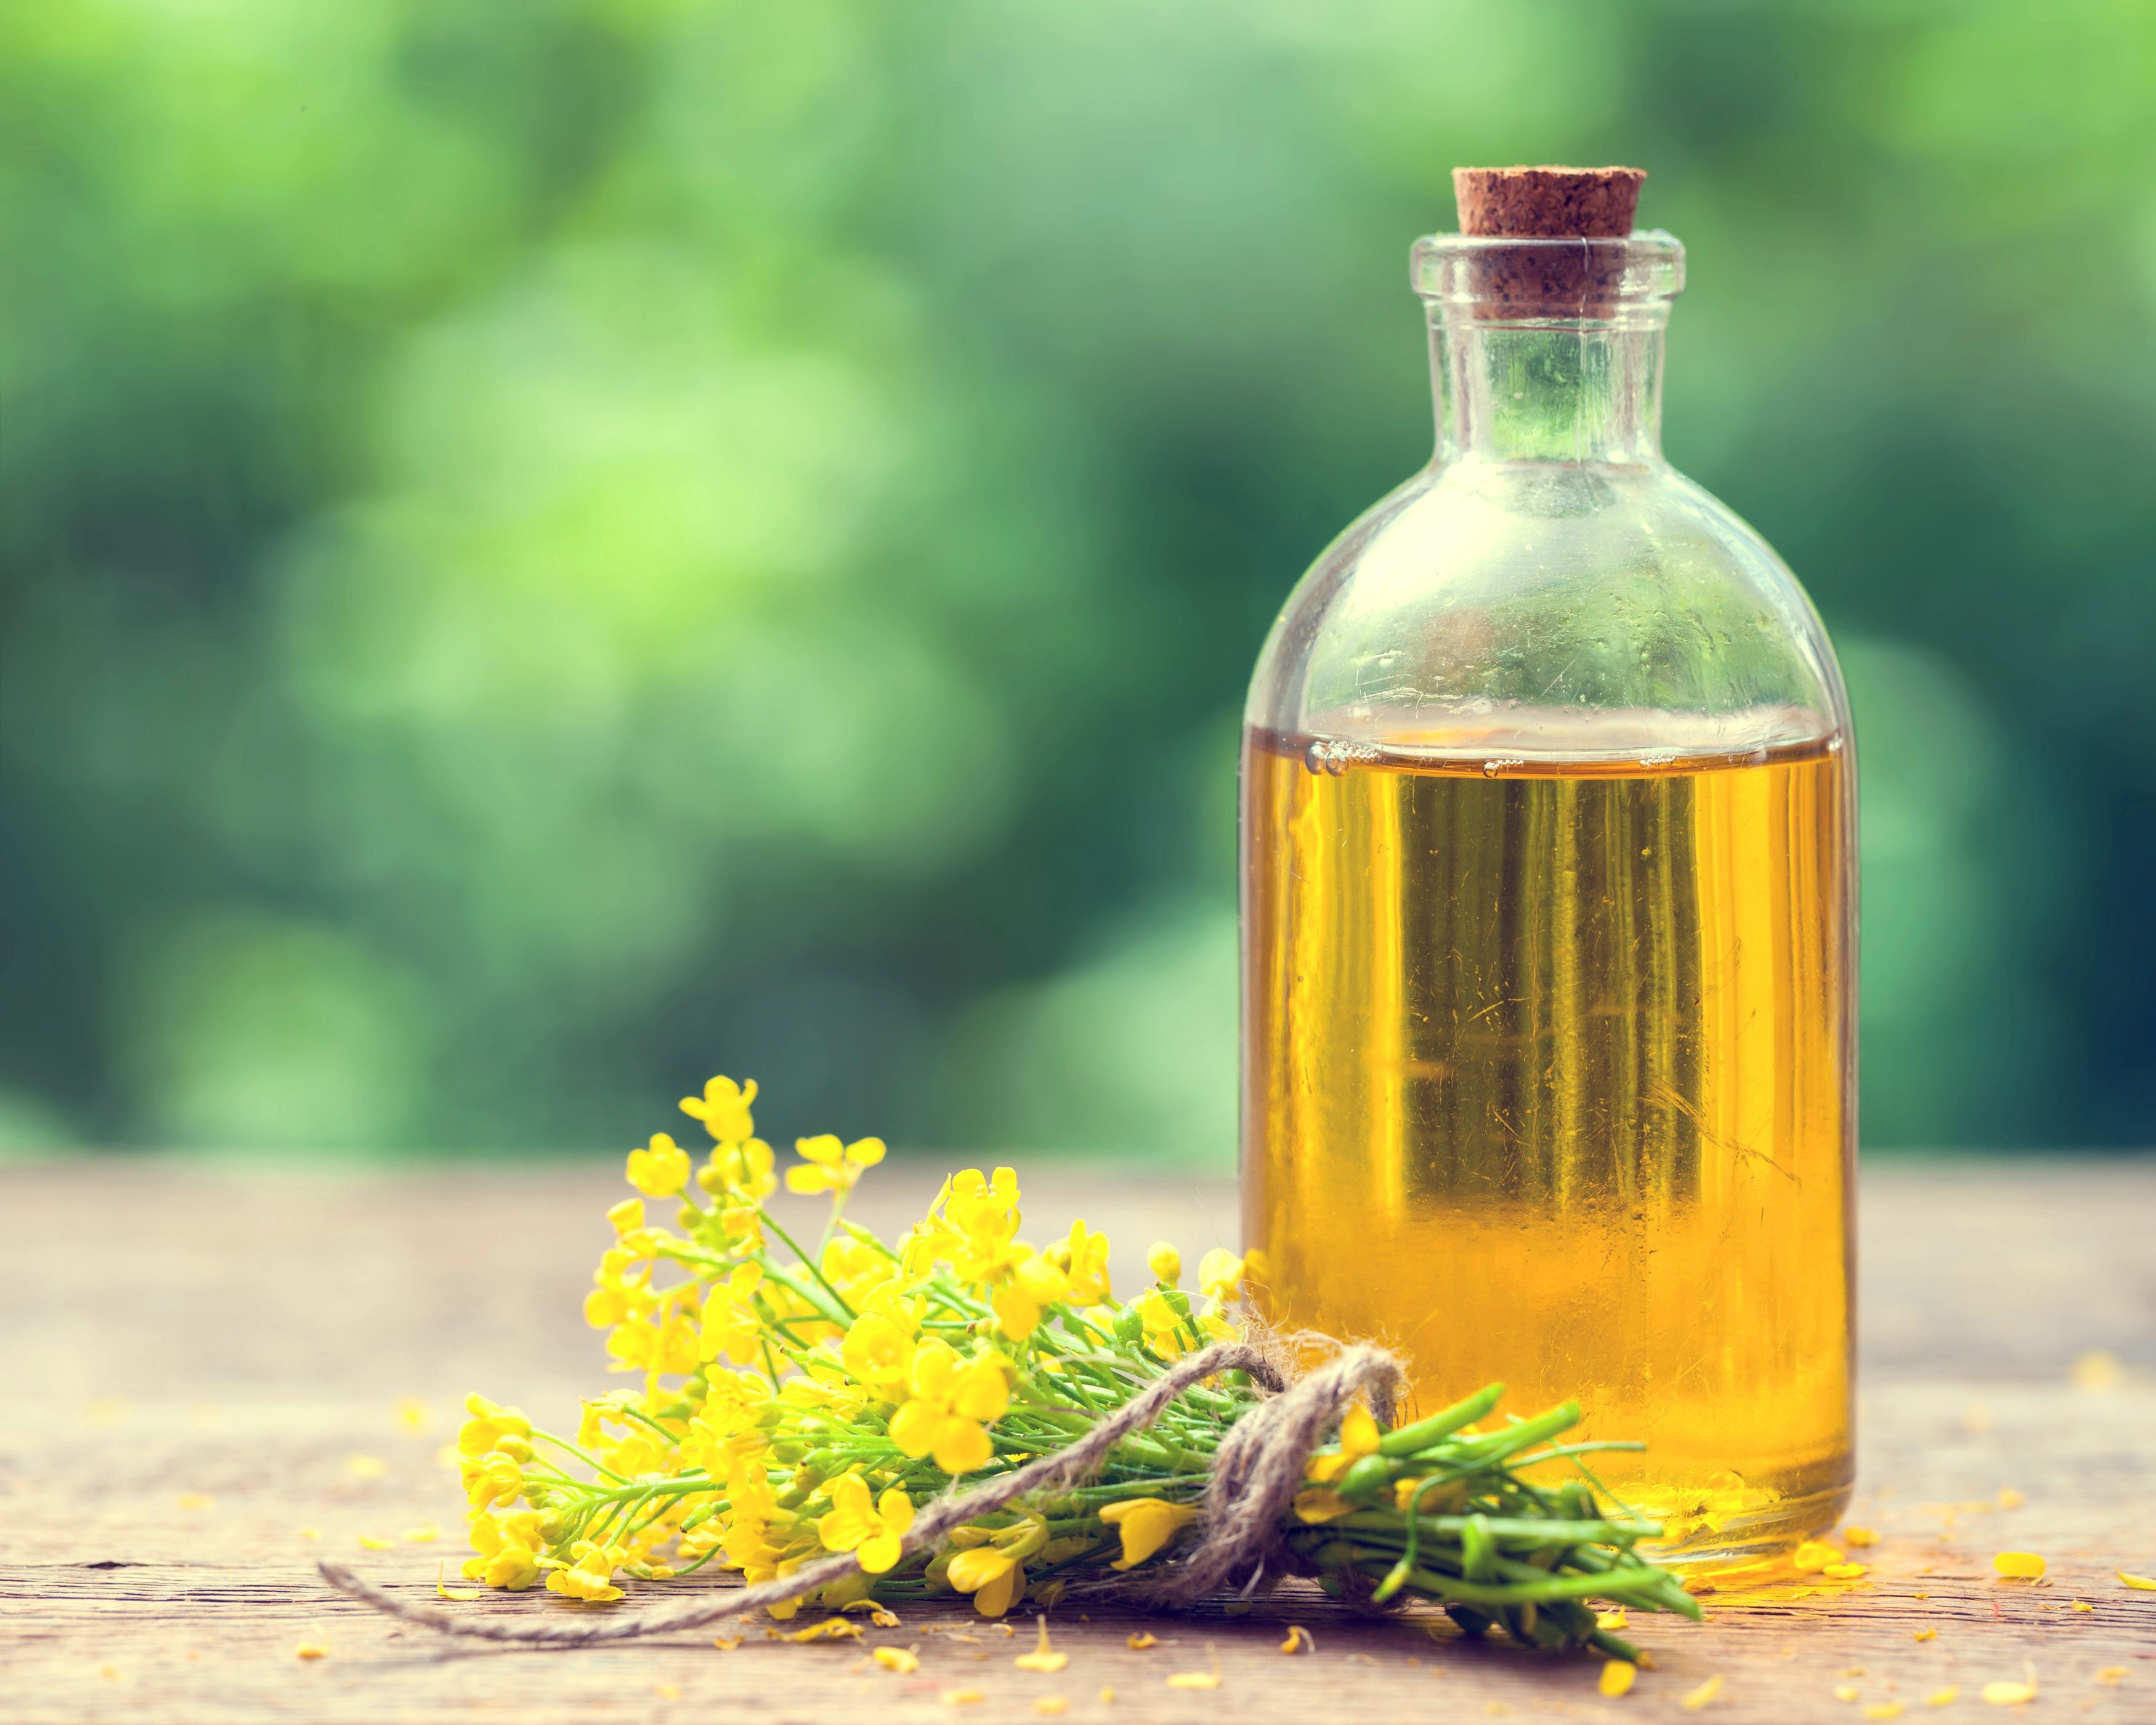 Синтетическое масло - что это такое и в чем его особенность?